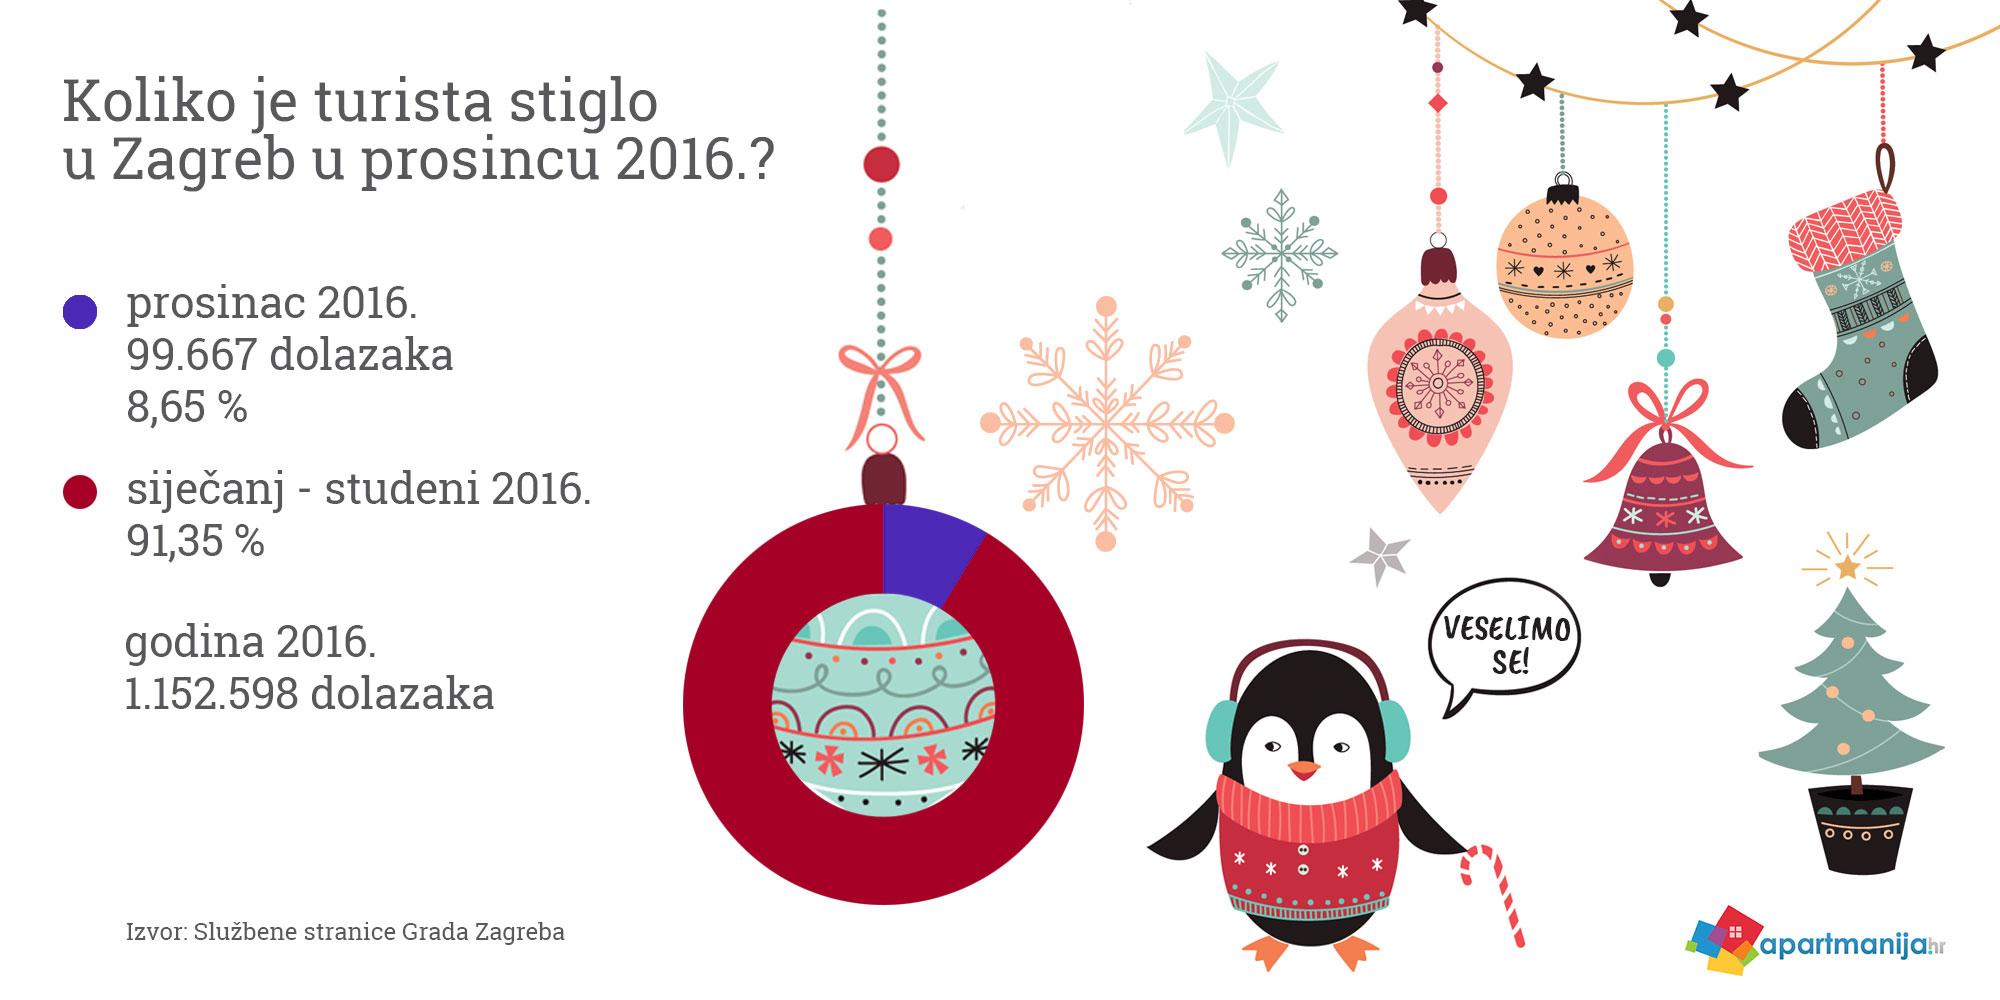 Advent 2017: Adventska putovanja u bolje danas - statistika dolazaka turista 12. 2016. Zagreb